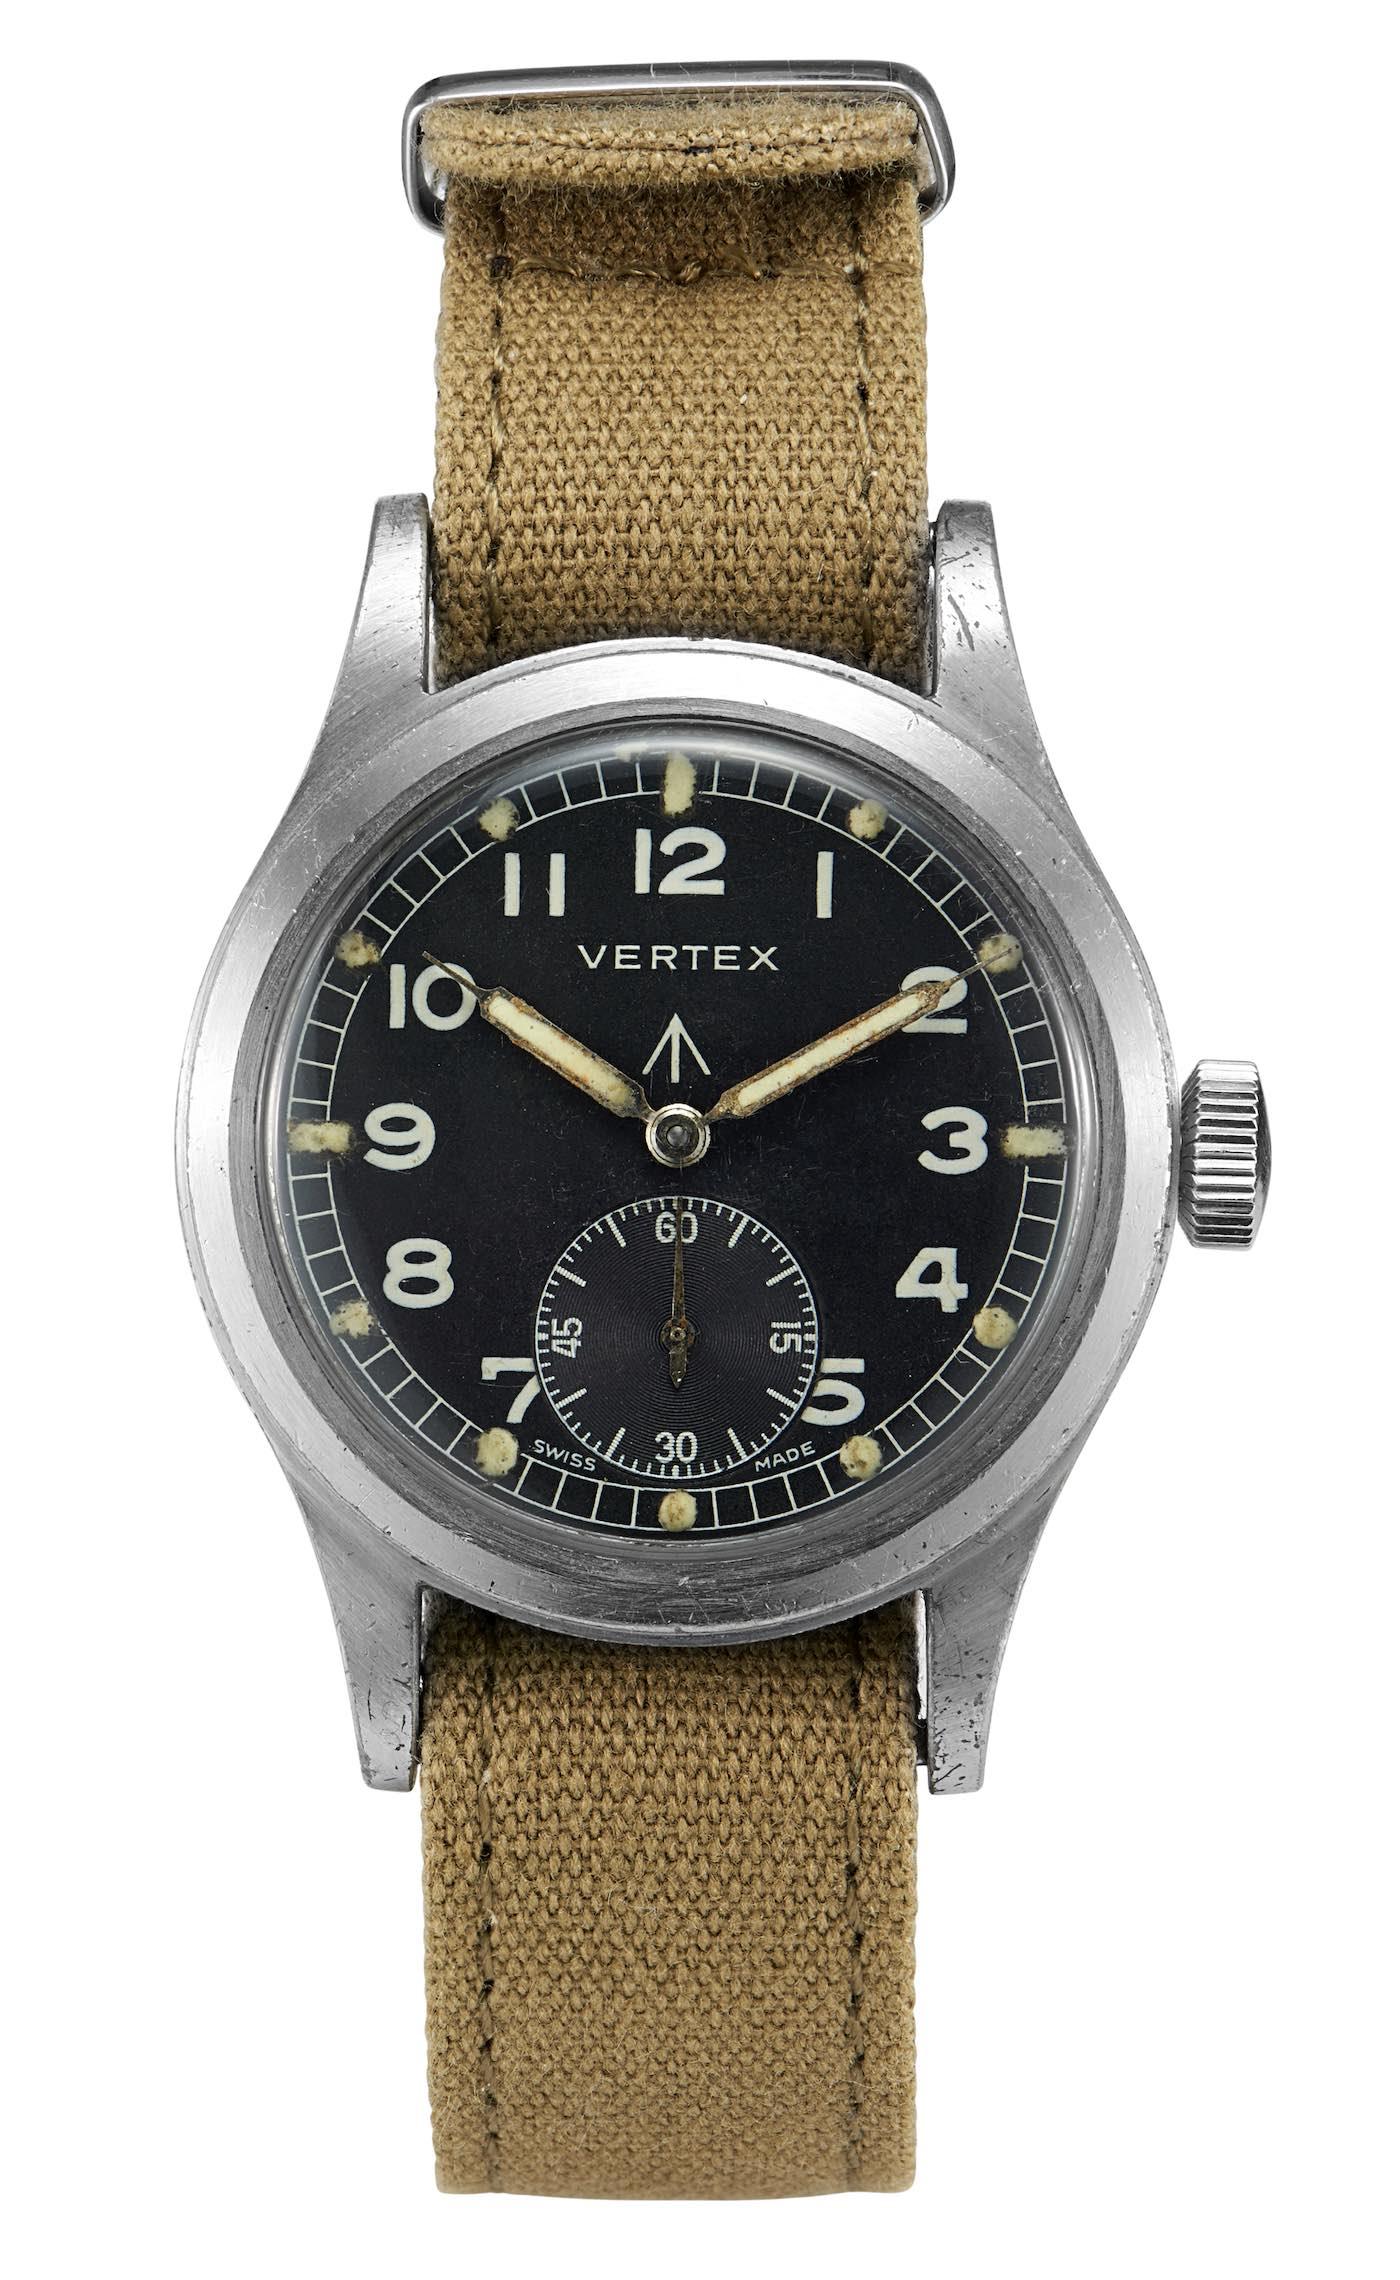 Vertex Watches Dirty Dozen Military Watch Vintage